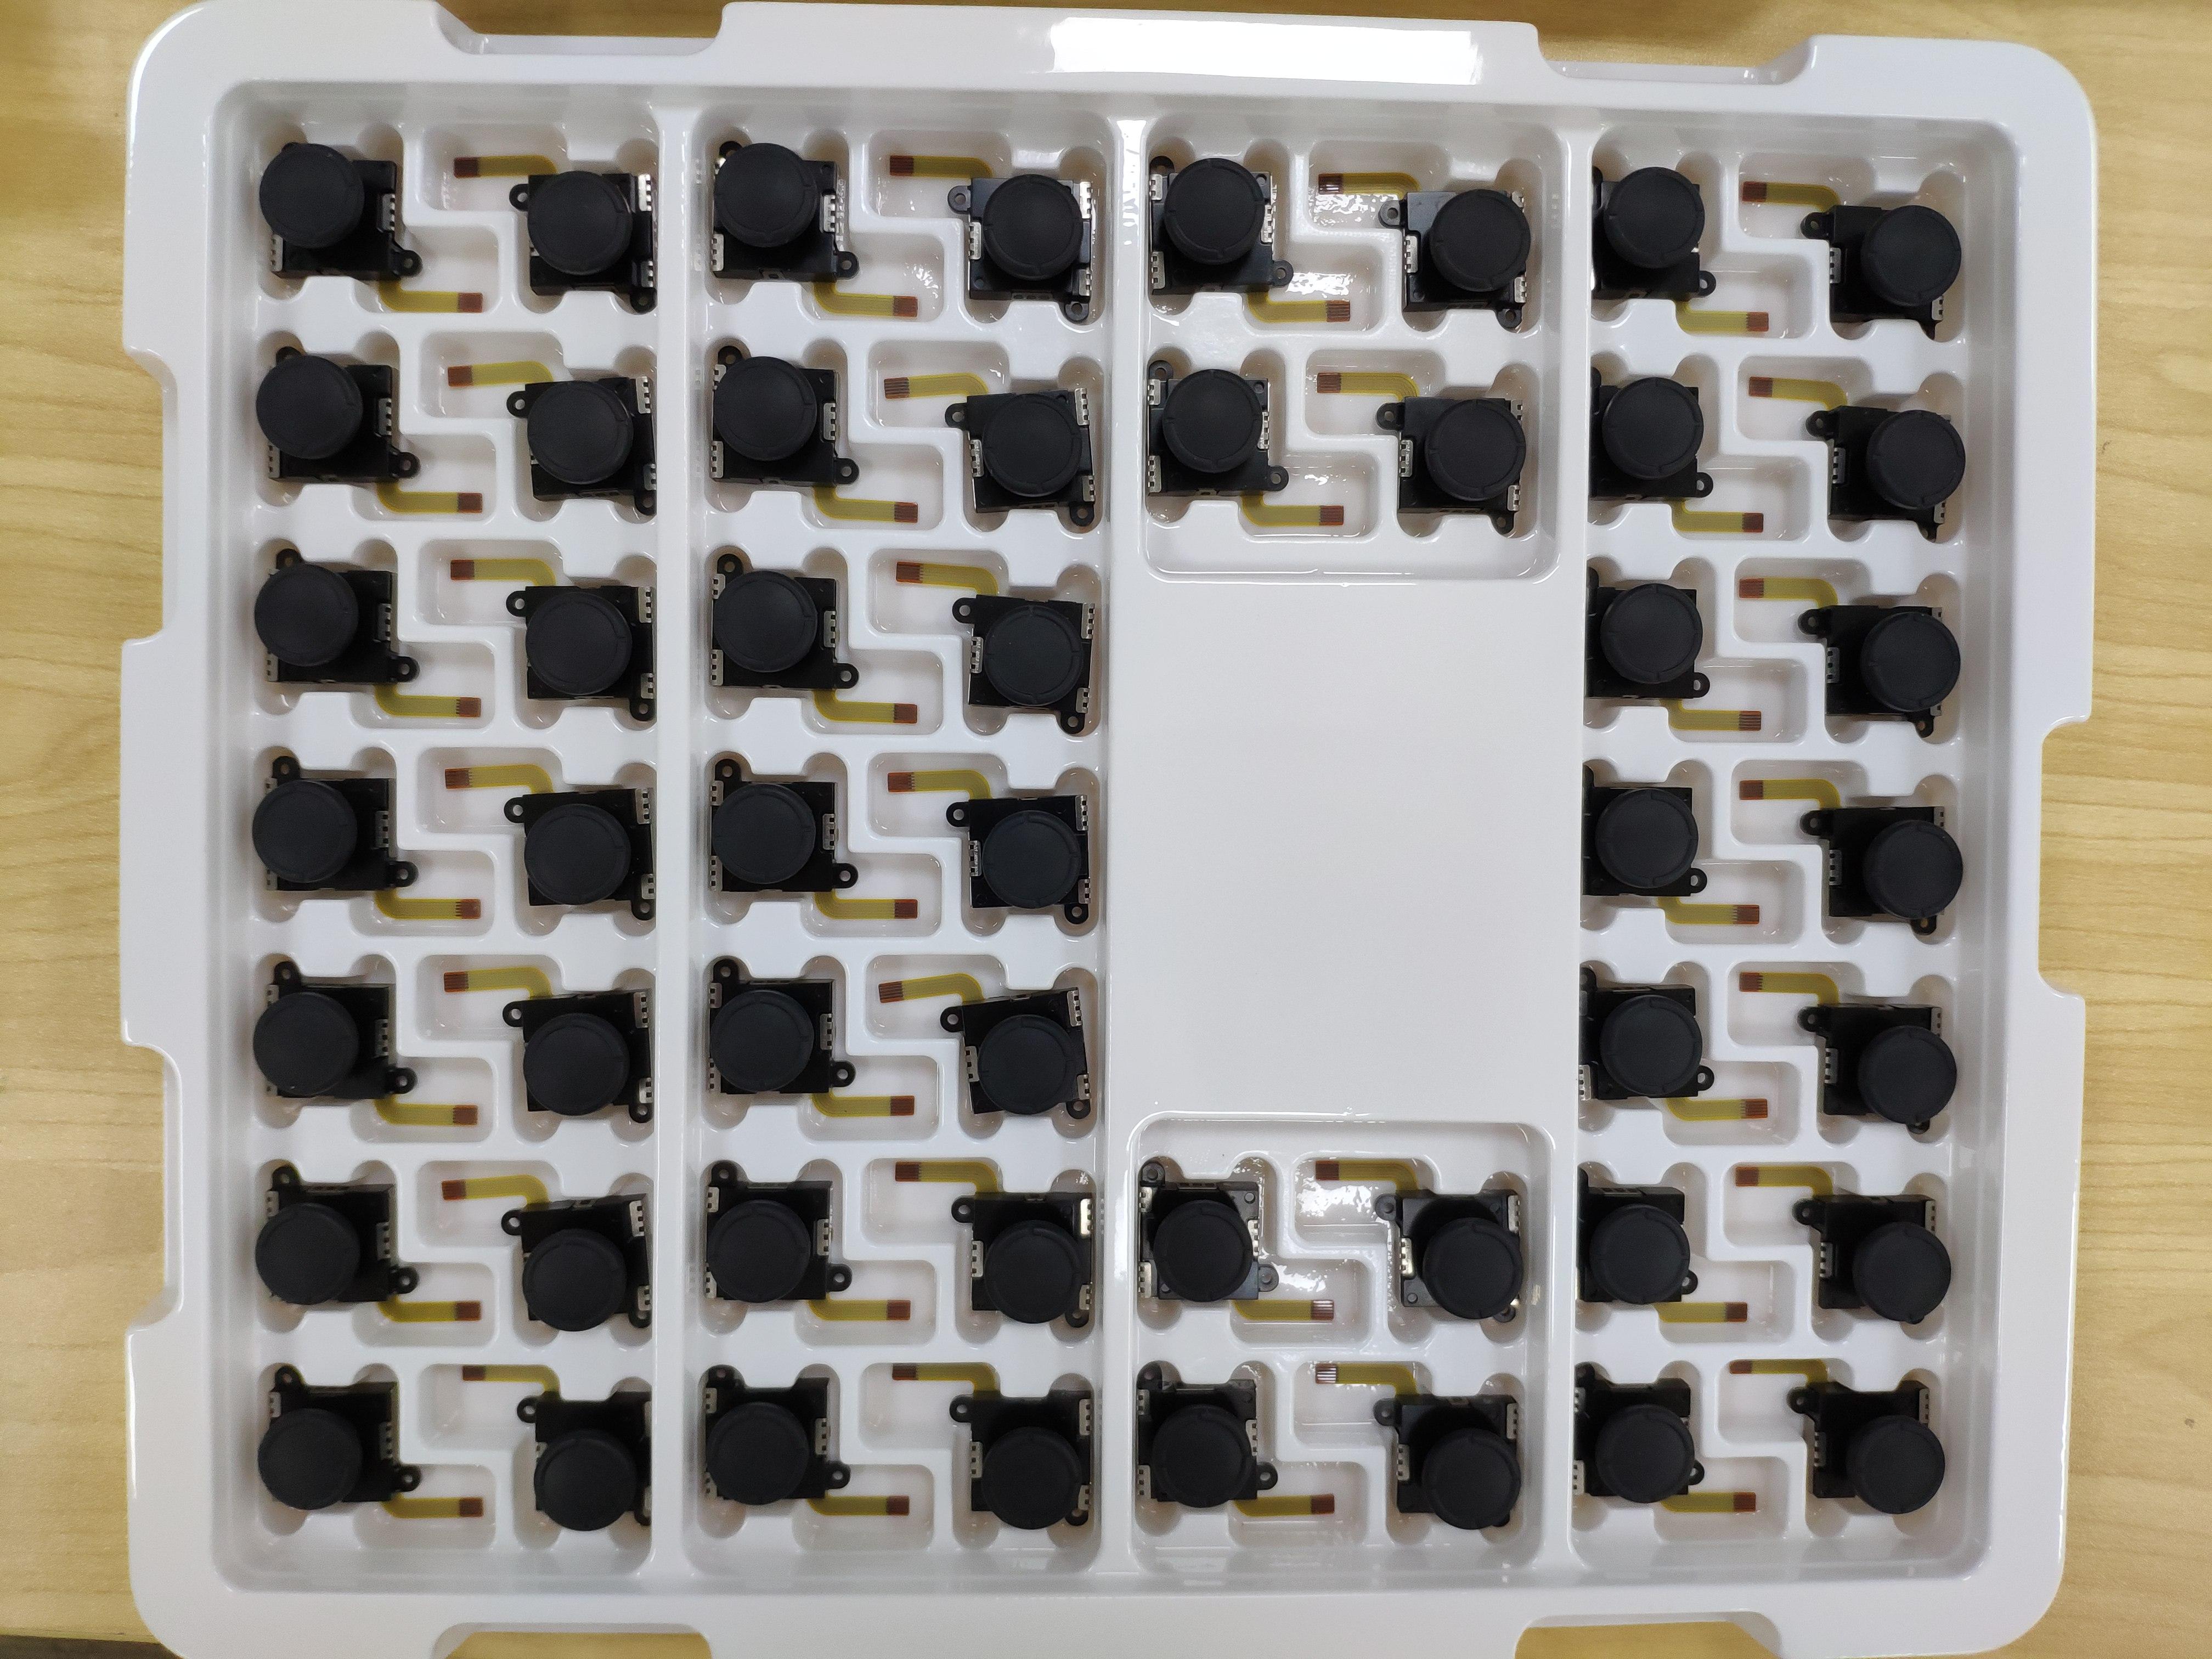 100 stks/partij Hoge Kwaliteit Nieuwe Voor Nintend Schakelaar NS Vreugde Con Controller 3D Analoge Joystick Thumb Stick Joystick Sensor module-in Joysticks van Consumentenelektronica op  Groep 1